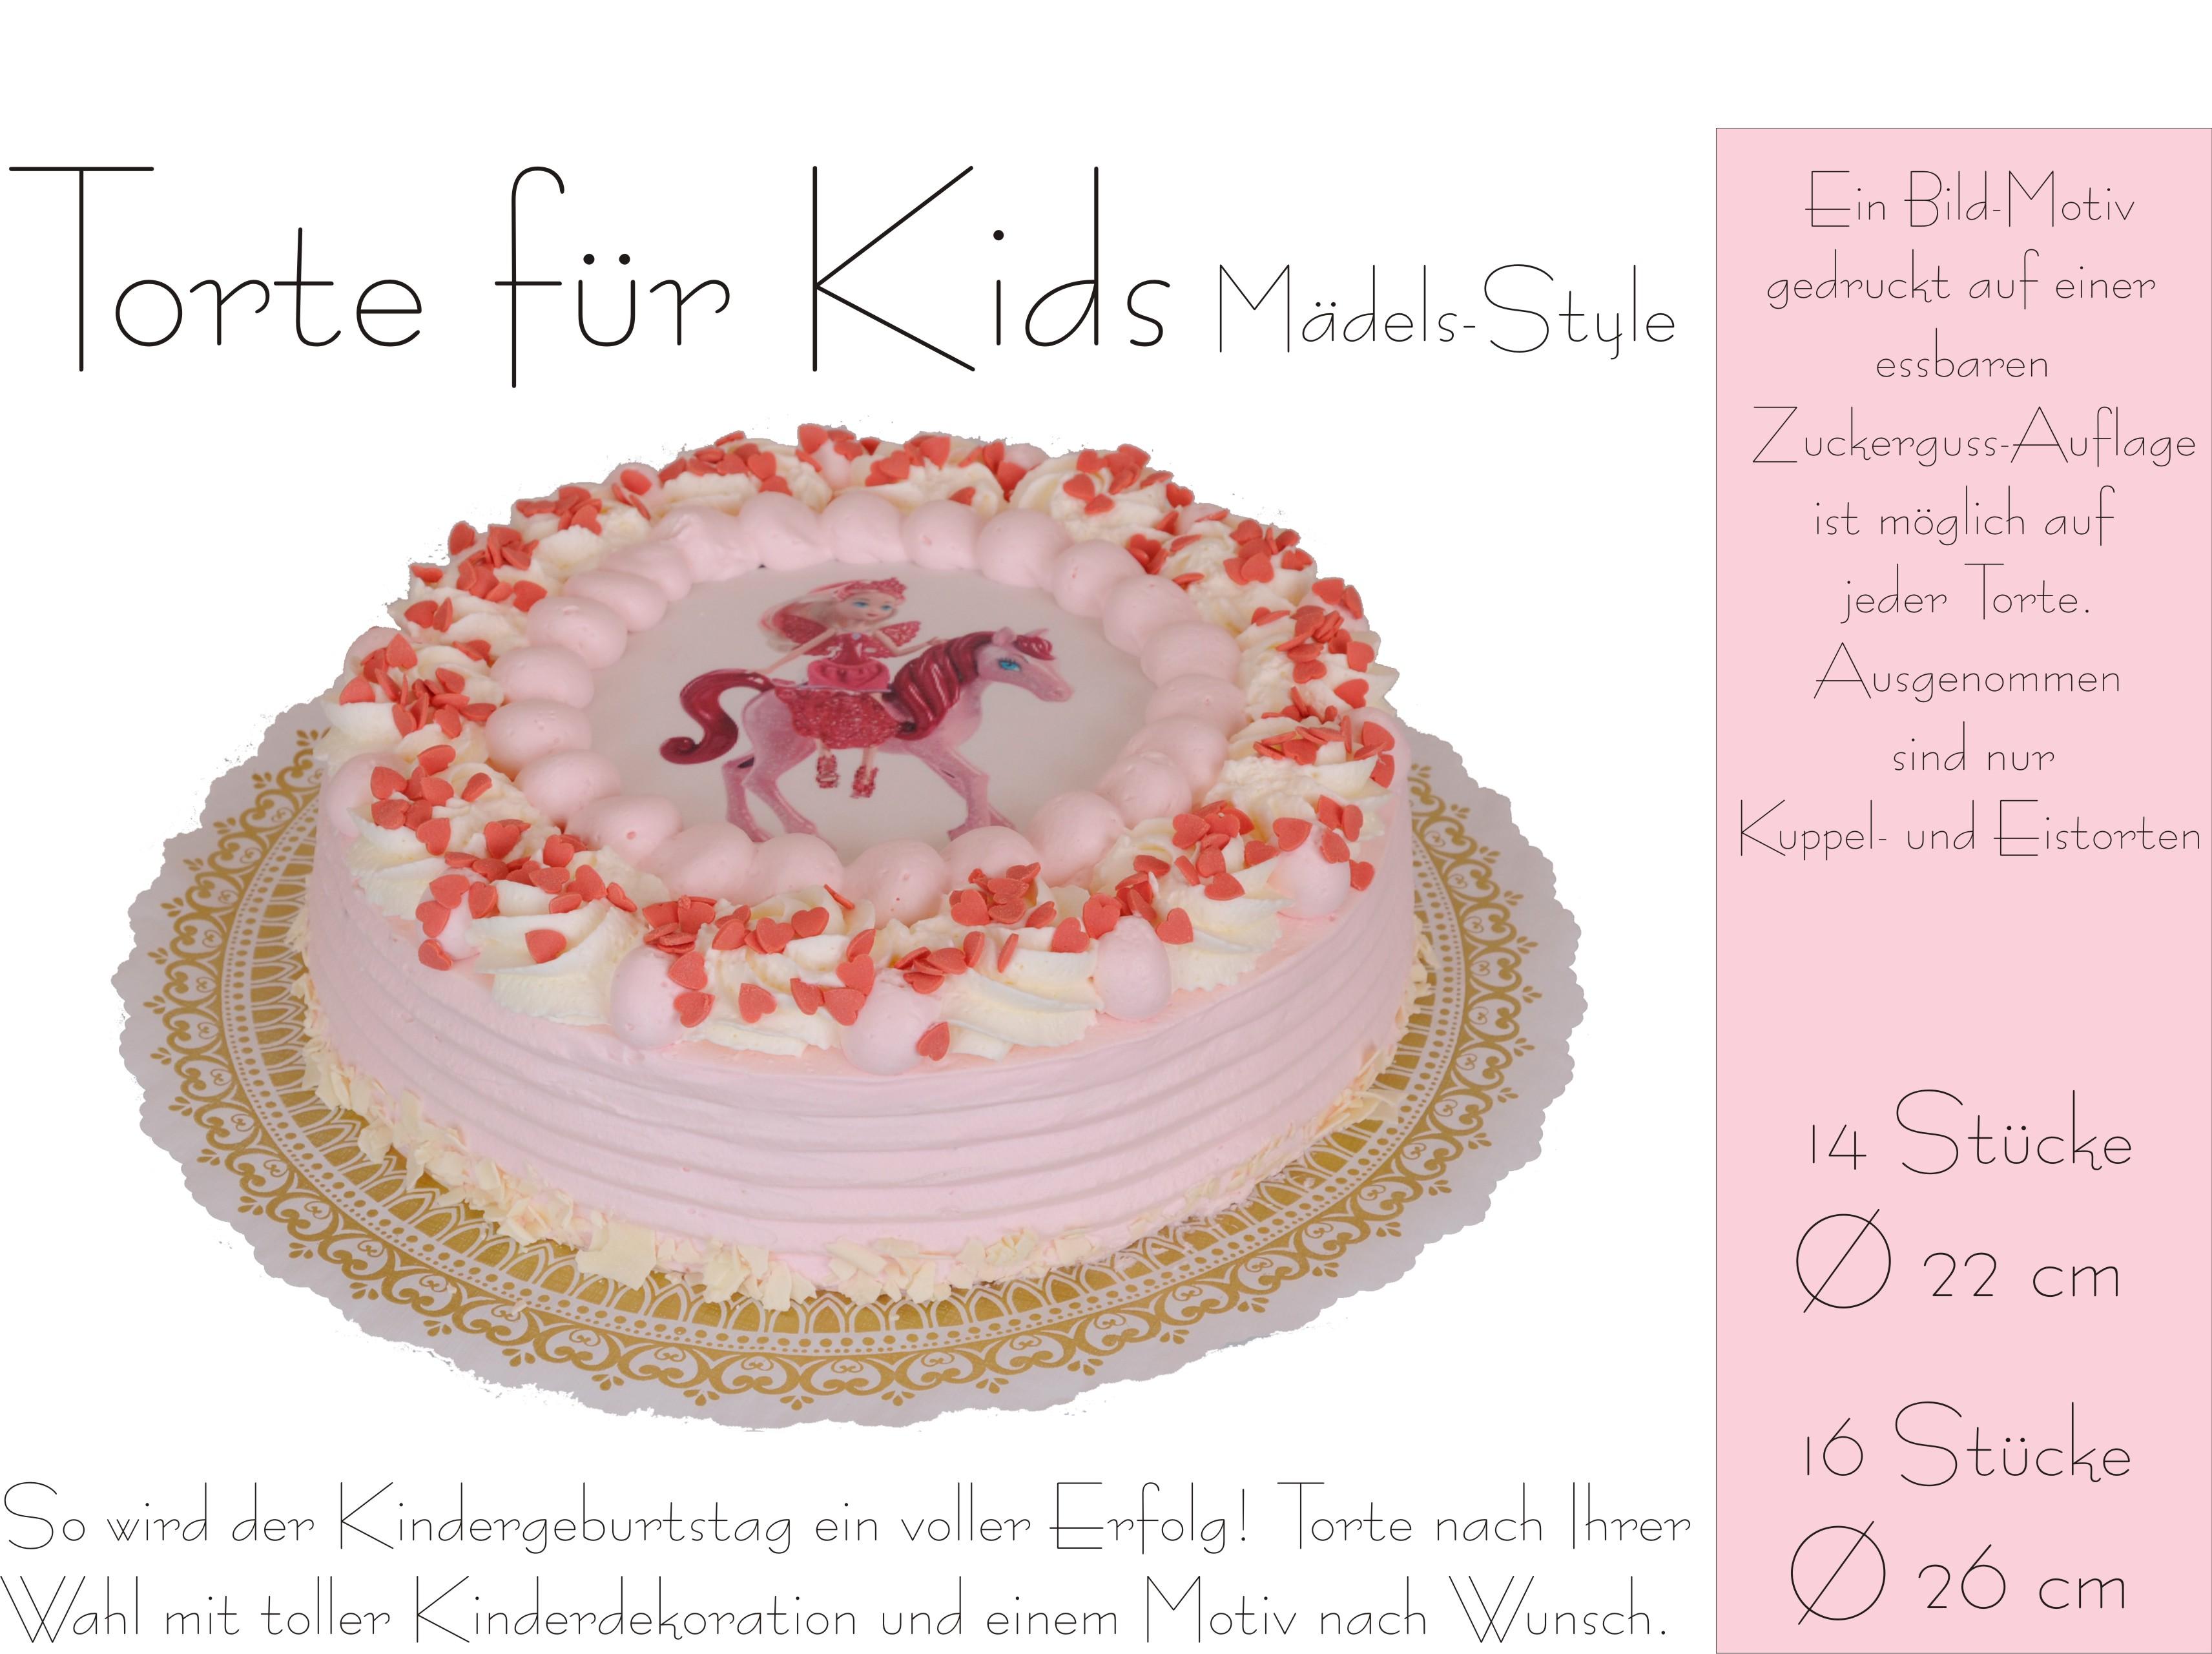 Torte für Kids Mädels-Style